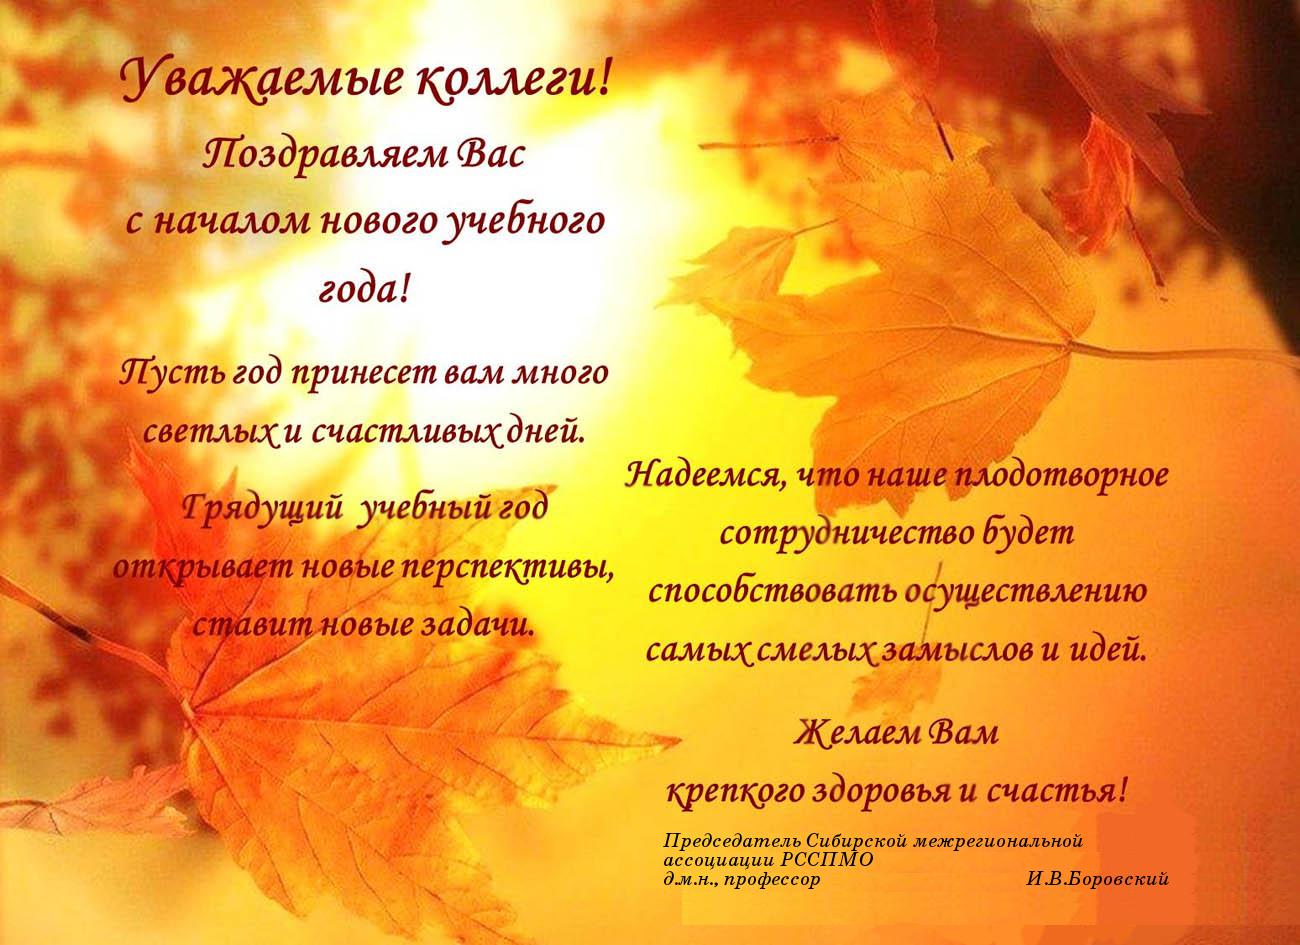 Поздравление коллегам с 1 сентября (с днём знаний)